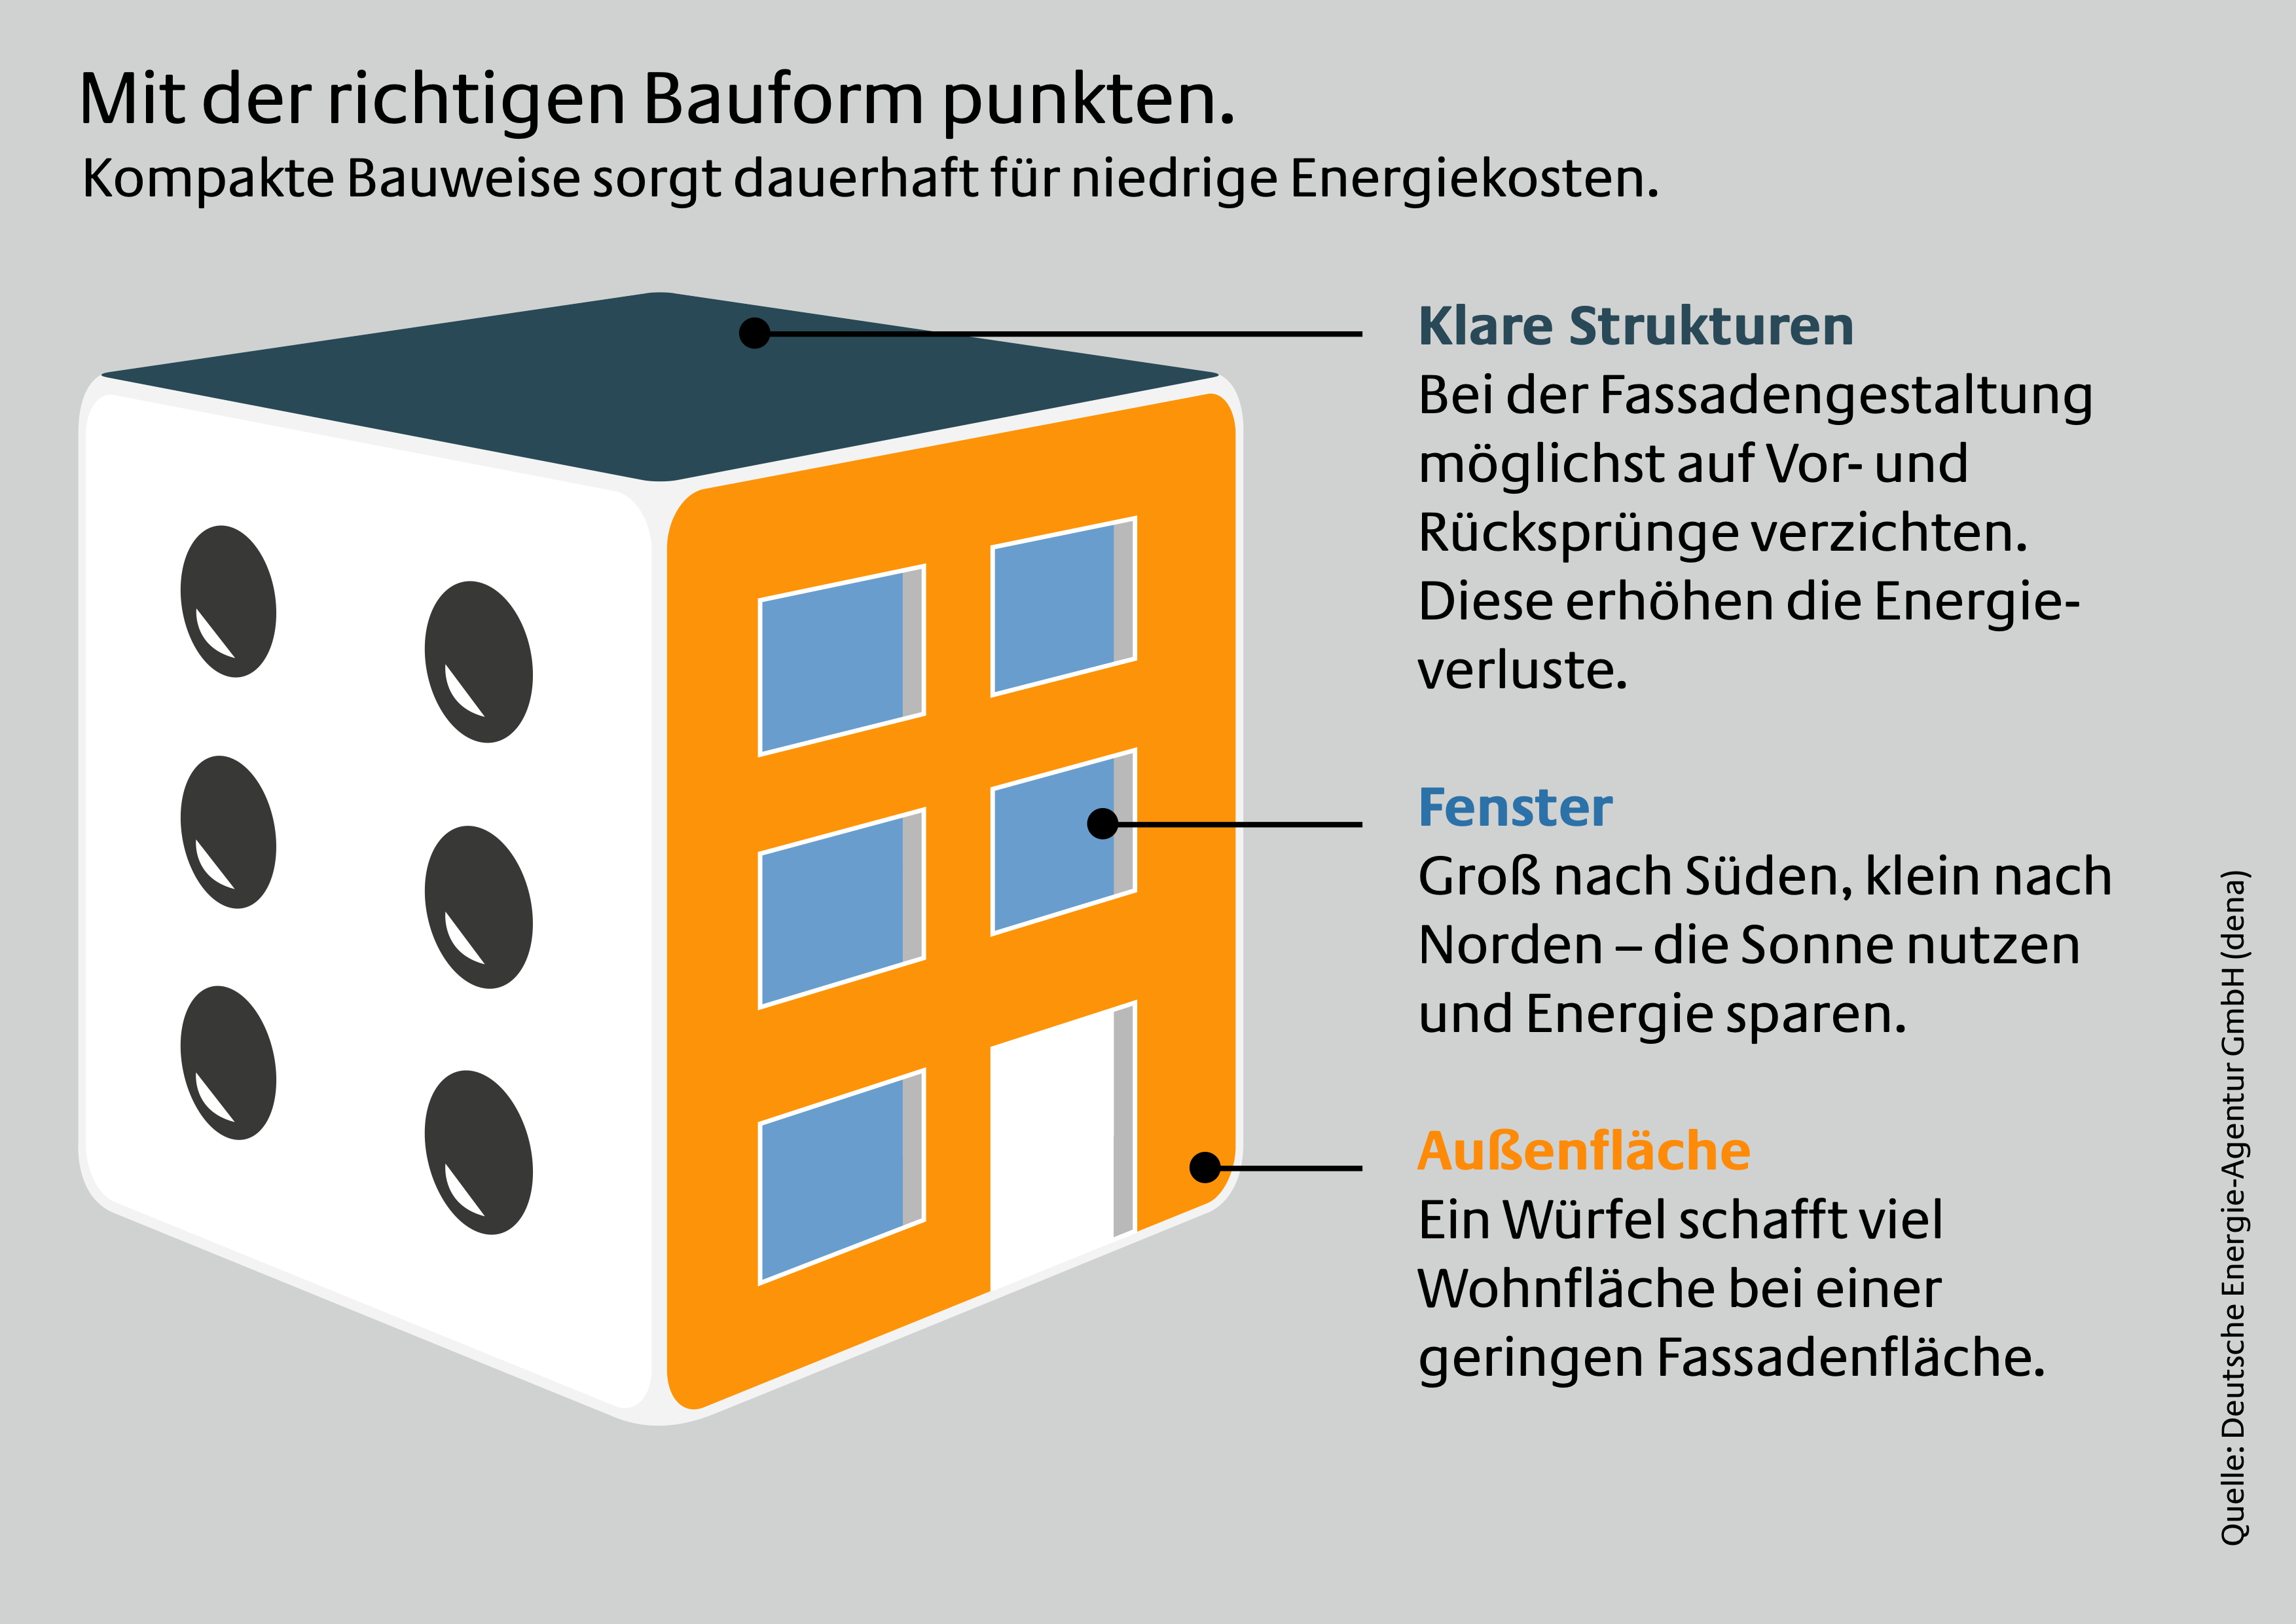 Captivating Die Deutsche Energie Agentur (dena) Rät Künftigen Hausbesitzern, Bei Der  Planung Ihres Eigenheims Auf Klar Strukturierte Und Schnörkellose  Gebäudeformen Zu ...